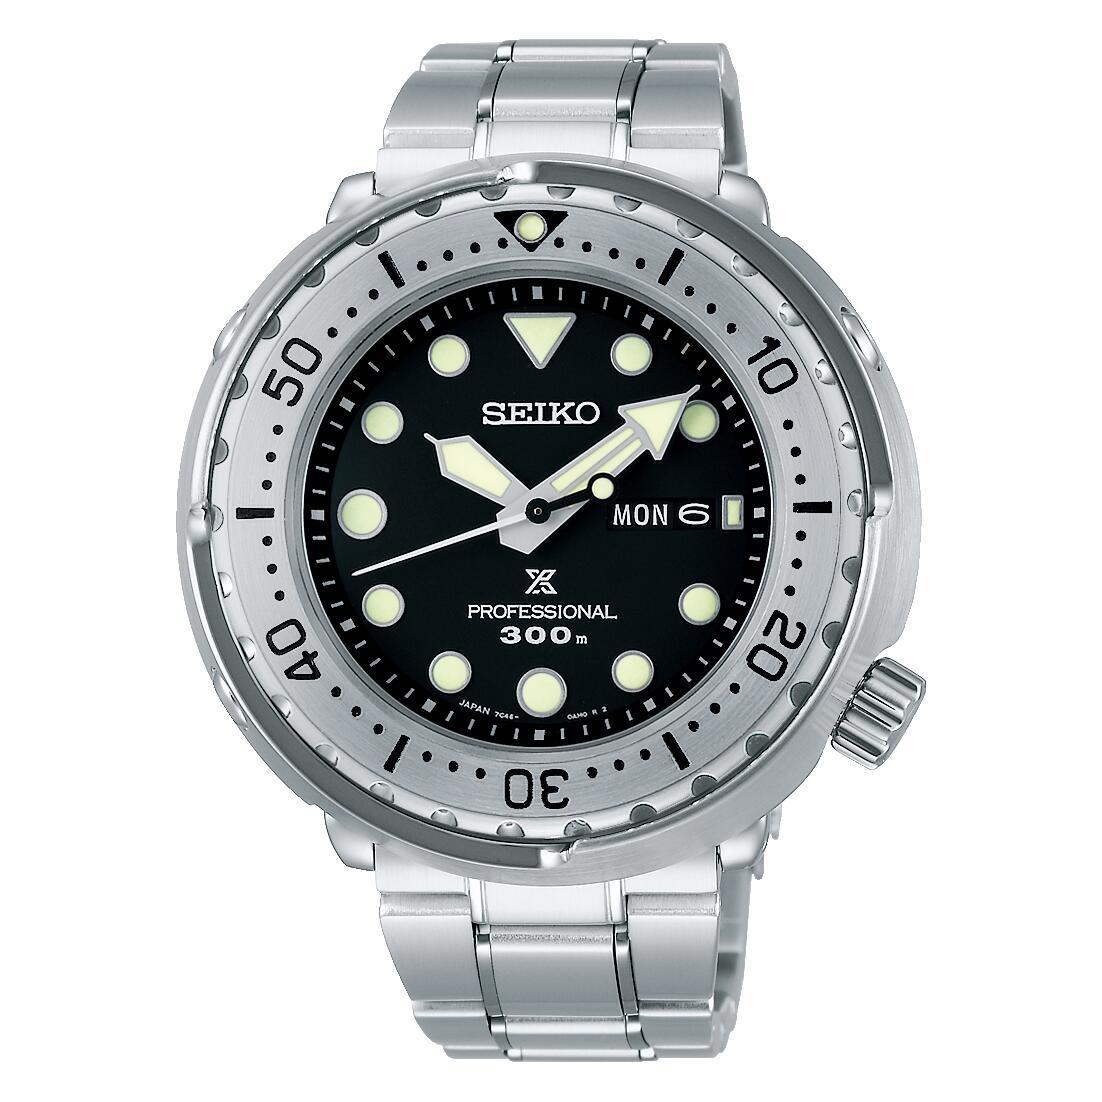 買い取り メーカー: 発売日: 新品 正規品 SEIKO セイコー 『4年保証』 Marinemaster プロスペックス クオーツダイバーズ PROSPEX SBBN049 Professional